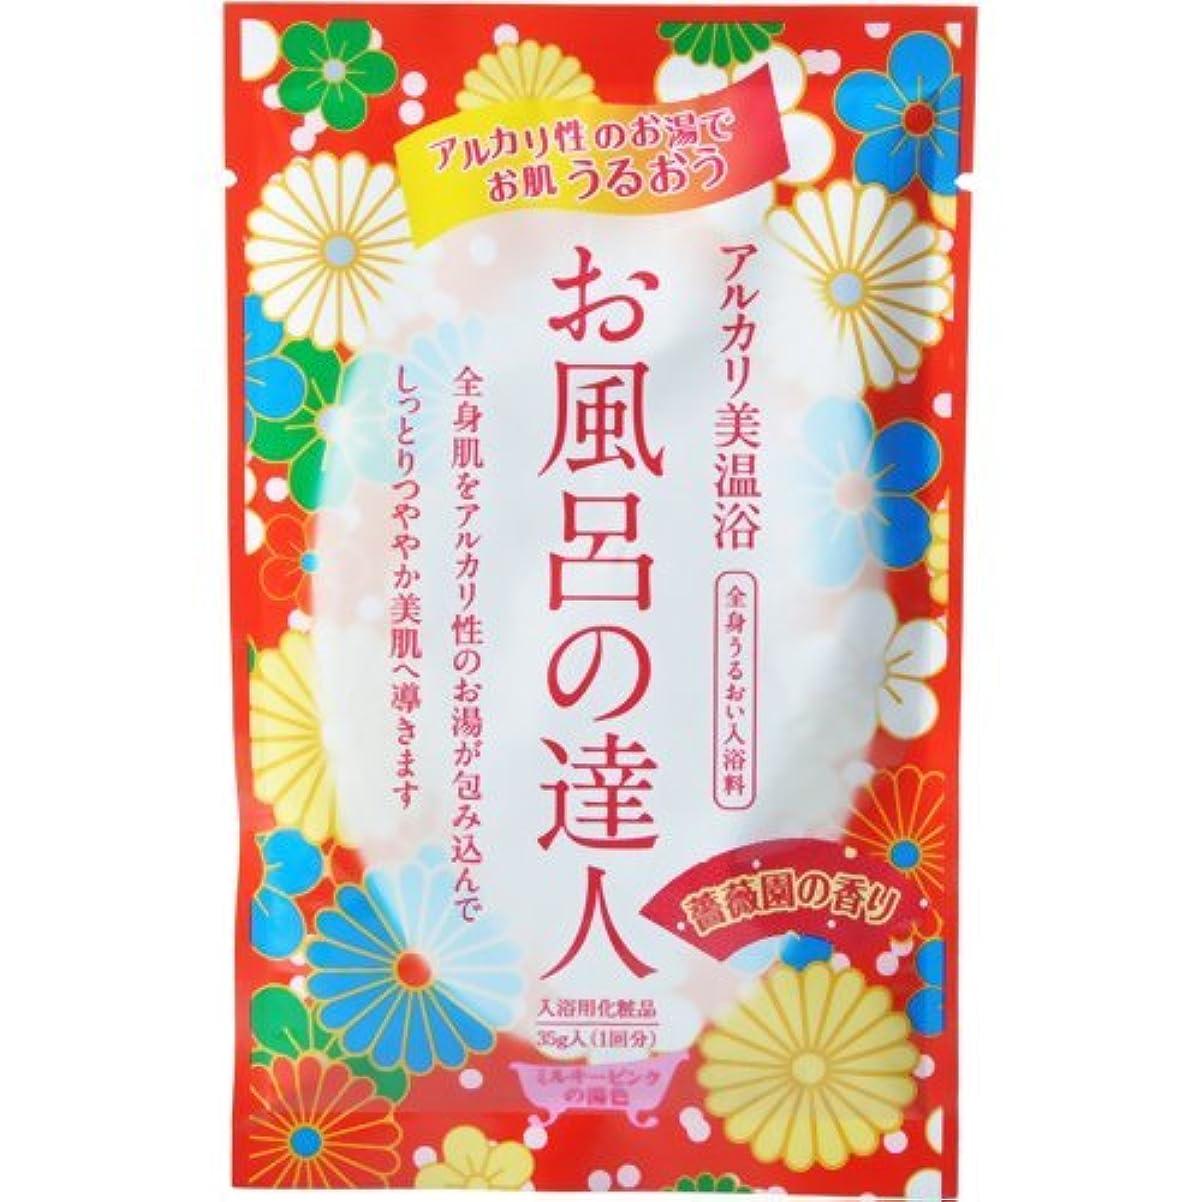 貨物豊富な狭いお風呂の達人 薔薇園の香り 35G 五洲薬品